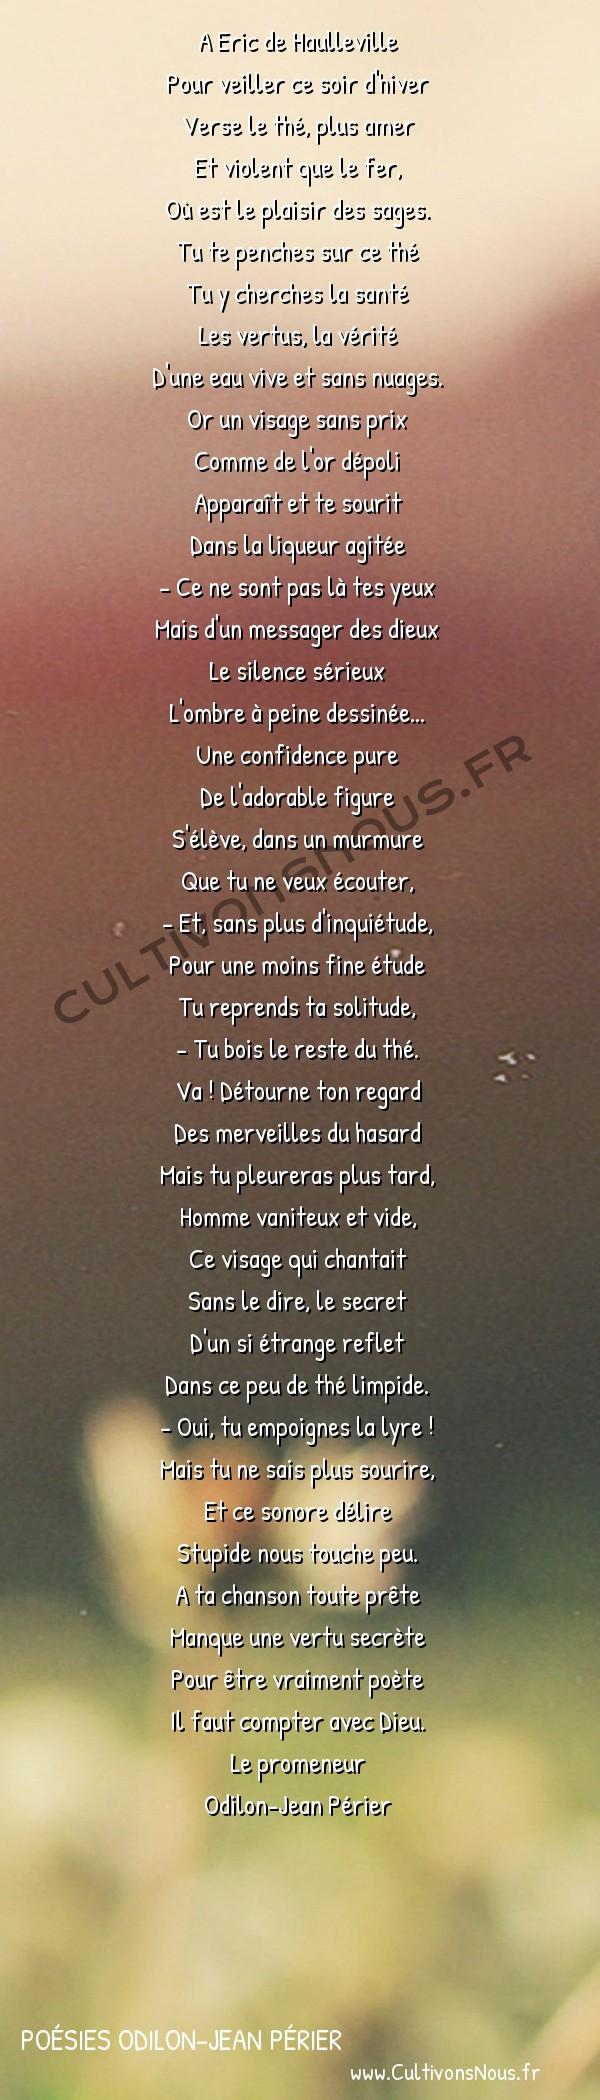 Poésies Odilon-Jean Périer - Le promeneur - Pour veiller ce soir d'hiver -  A Eric de Haulleville Pour veiller ce soir d'hiver